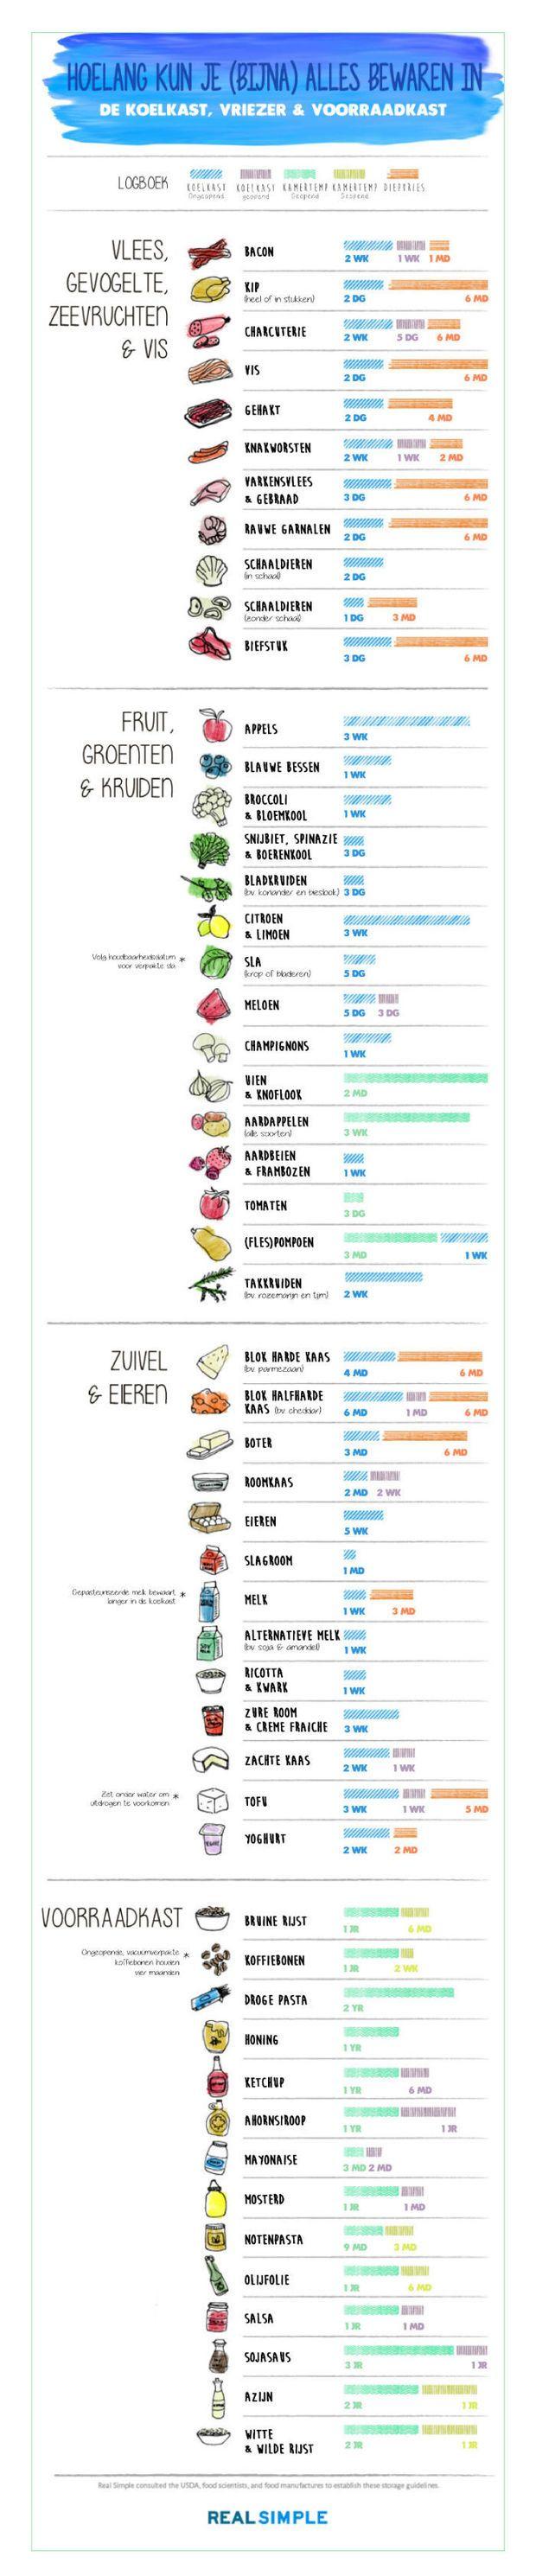 Niet zeker of voedsel dat al even in je koelkast ligt nog eetbaar is? Print deze infographic af en hang hem ergens in je keuken, dan raak je nooit meer de kluts kwijt.